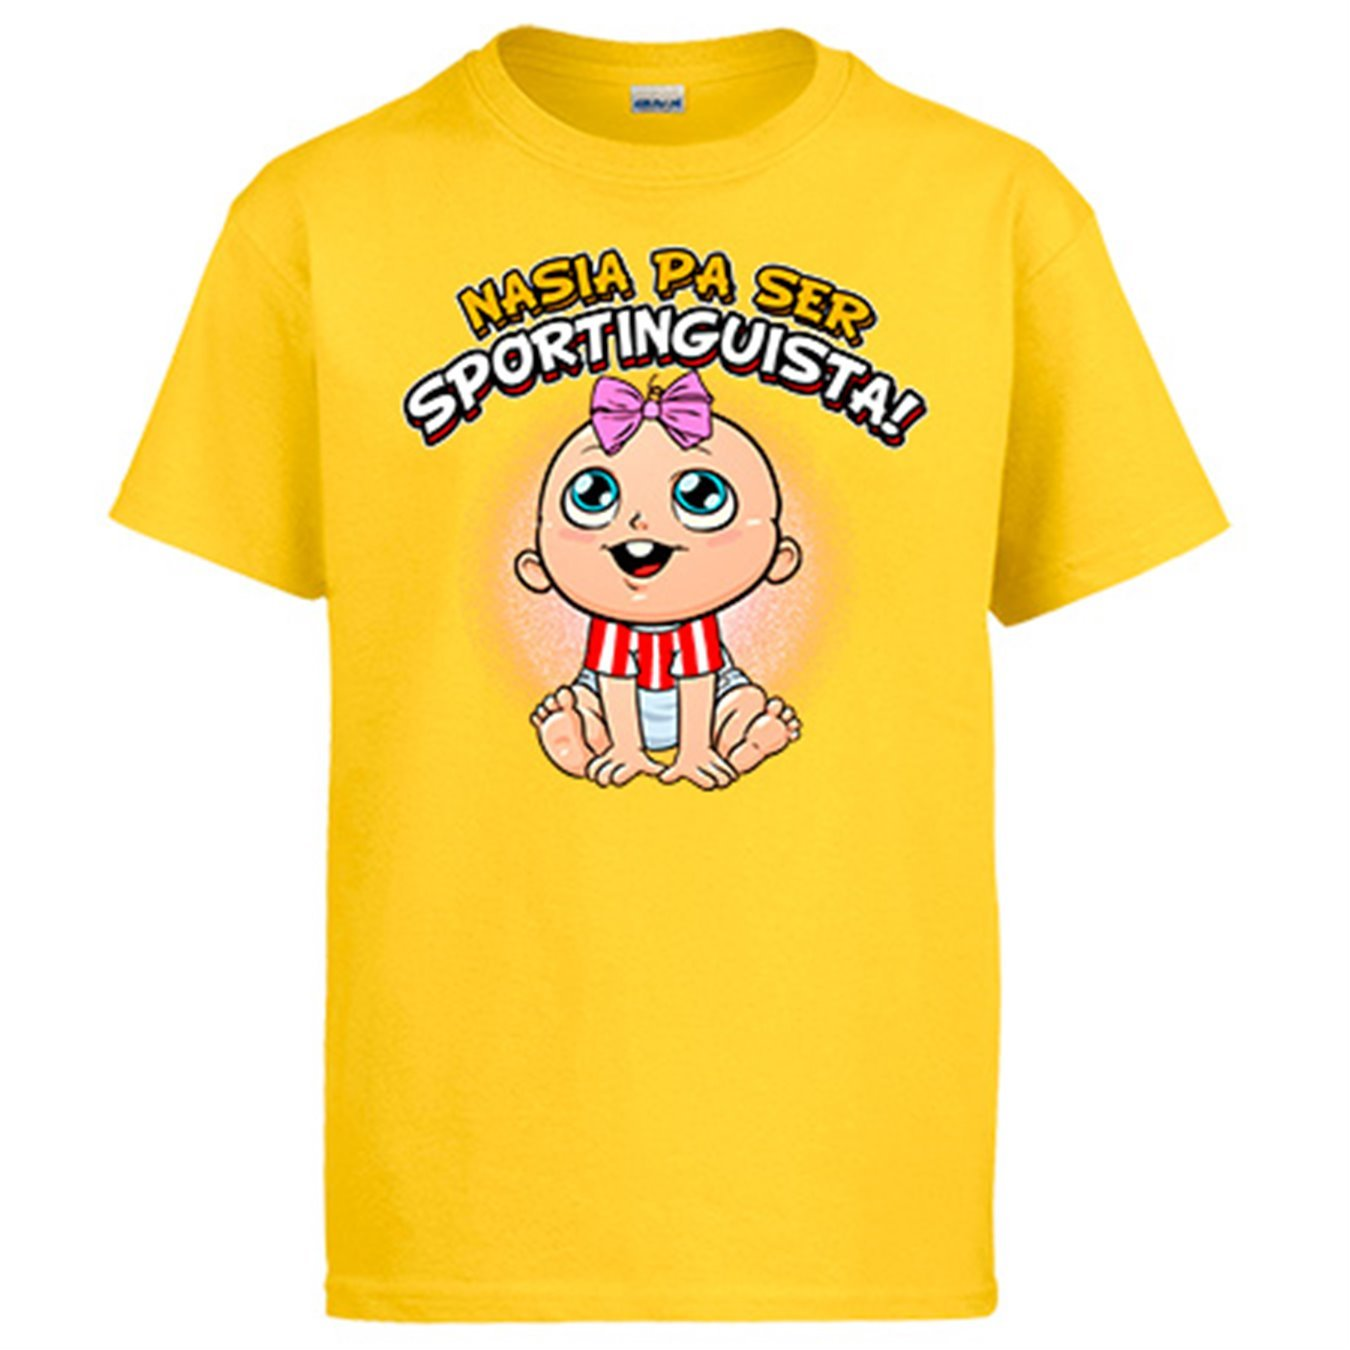 Diver Camisetas Camiseta Nacida para ser Sportinguista Sporting Gijón fútbol: Amazon.es: Ropa y accesorios